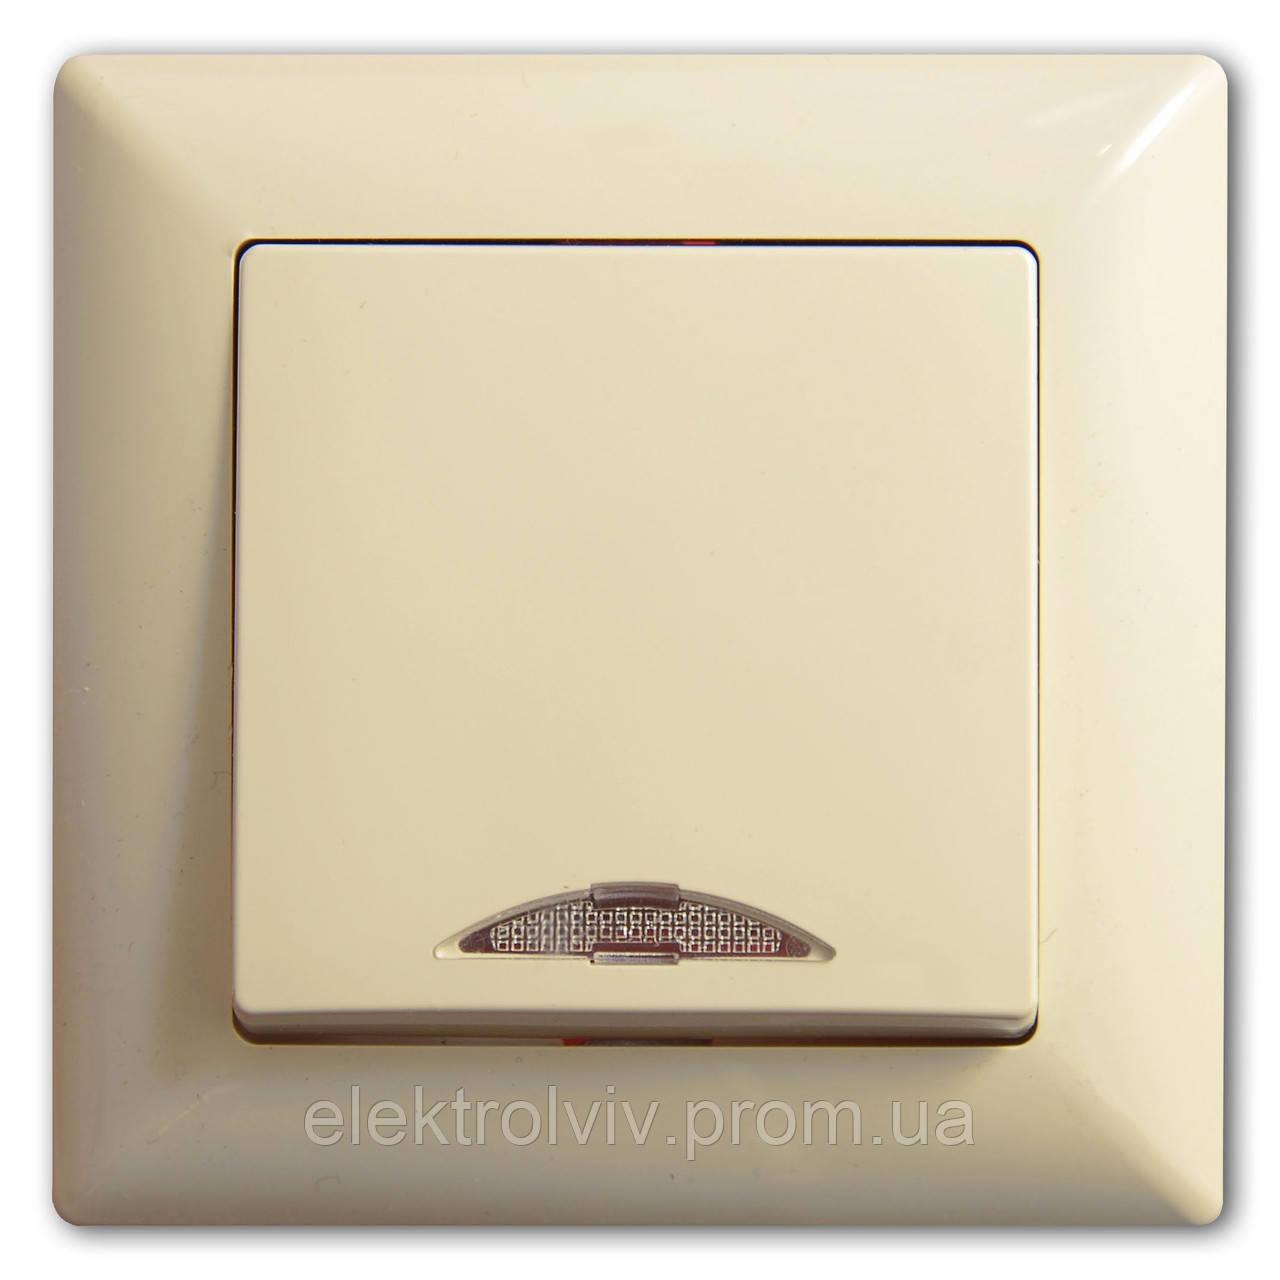 Выключатель 1-кл проходной с подсветкой